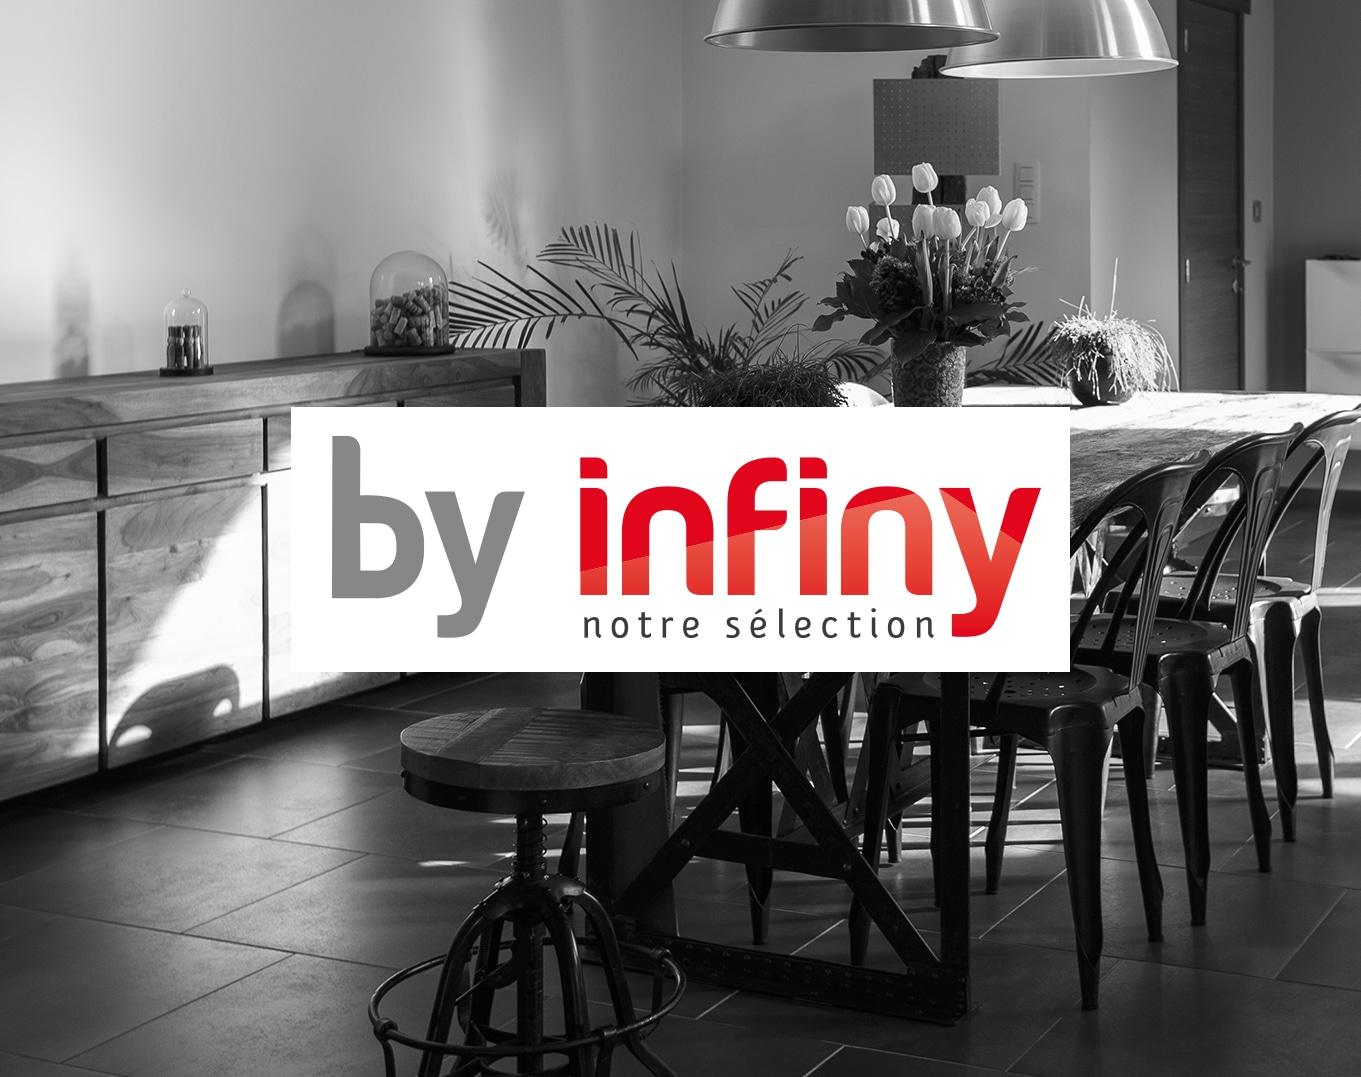 By infiny la sélection de mobilier par Infiny Home